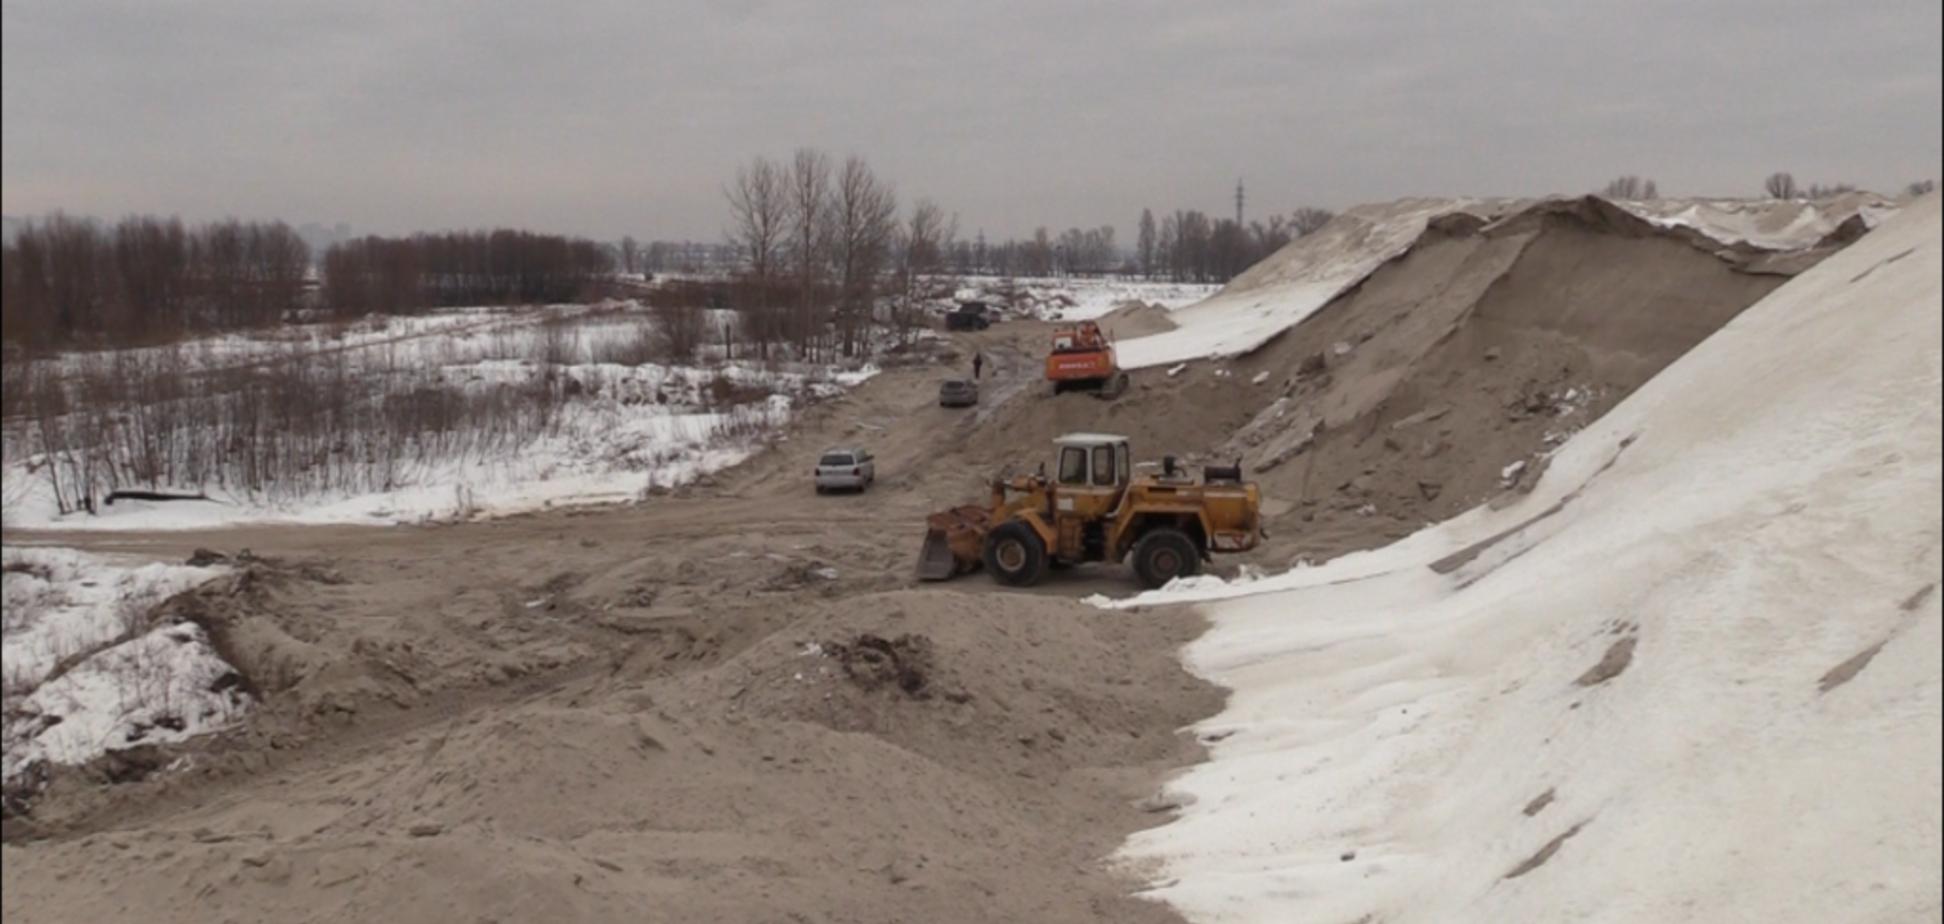 Добыча песка: на Киевщине снова наткнулись на браконьеров